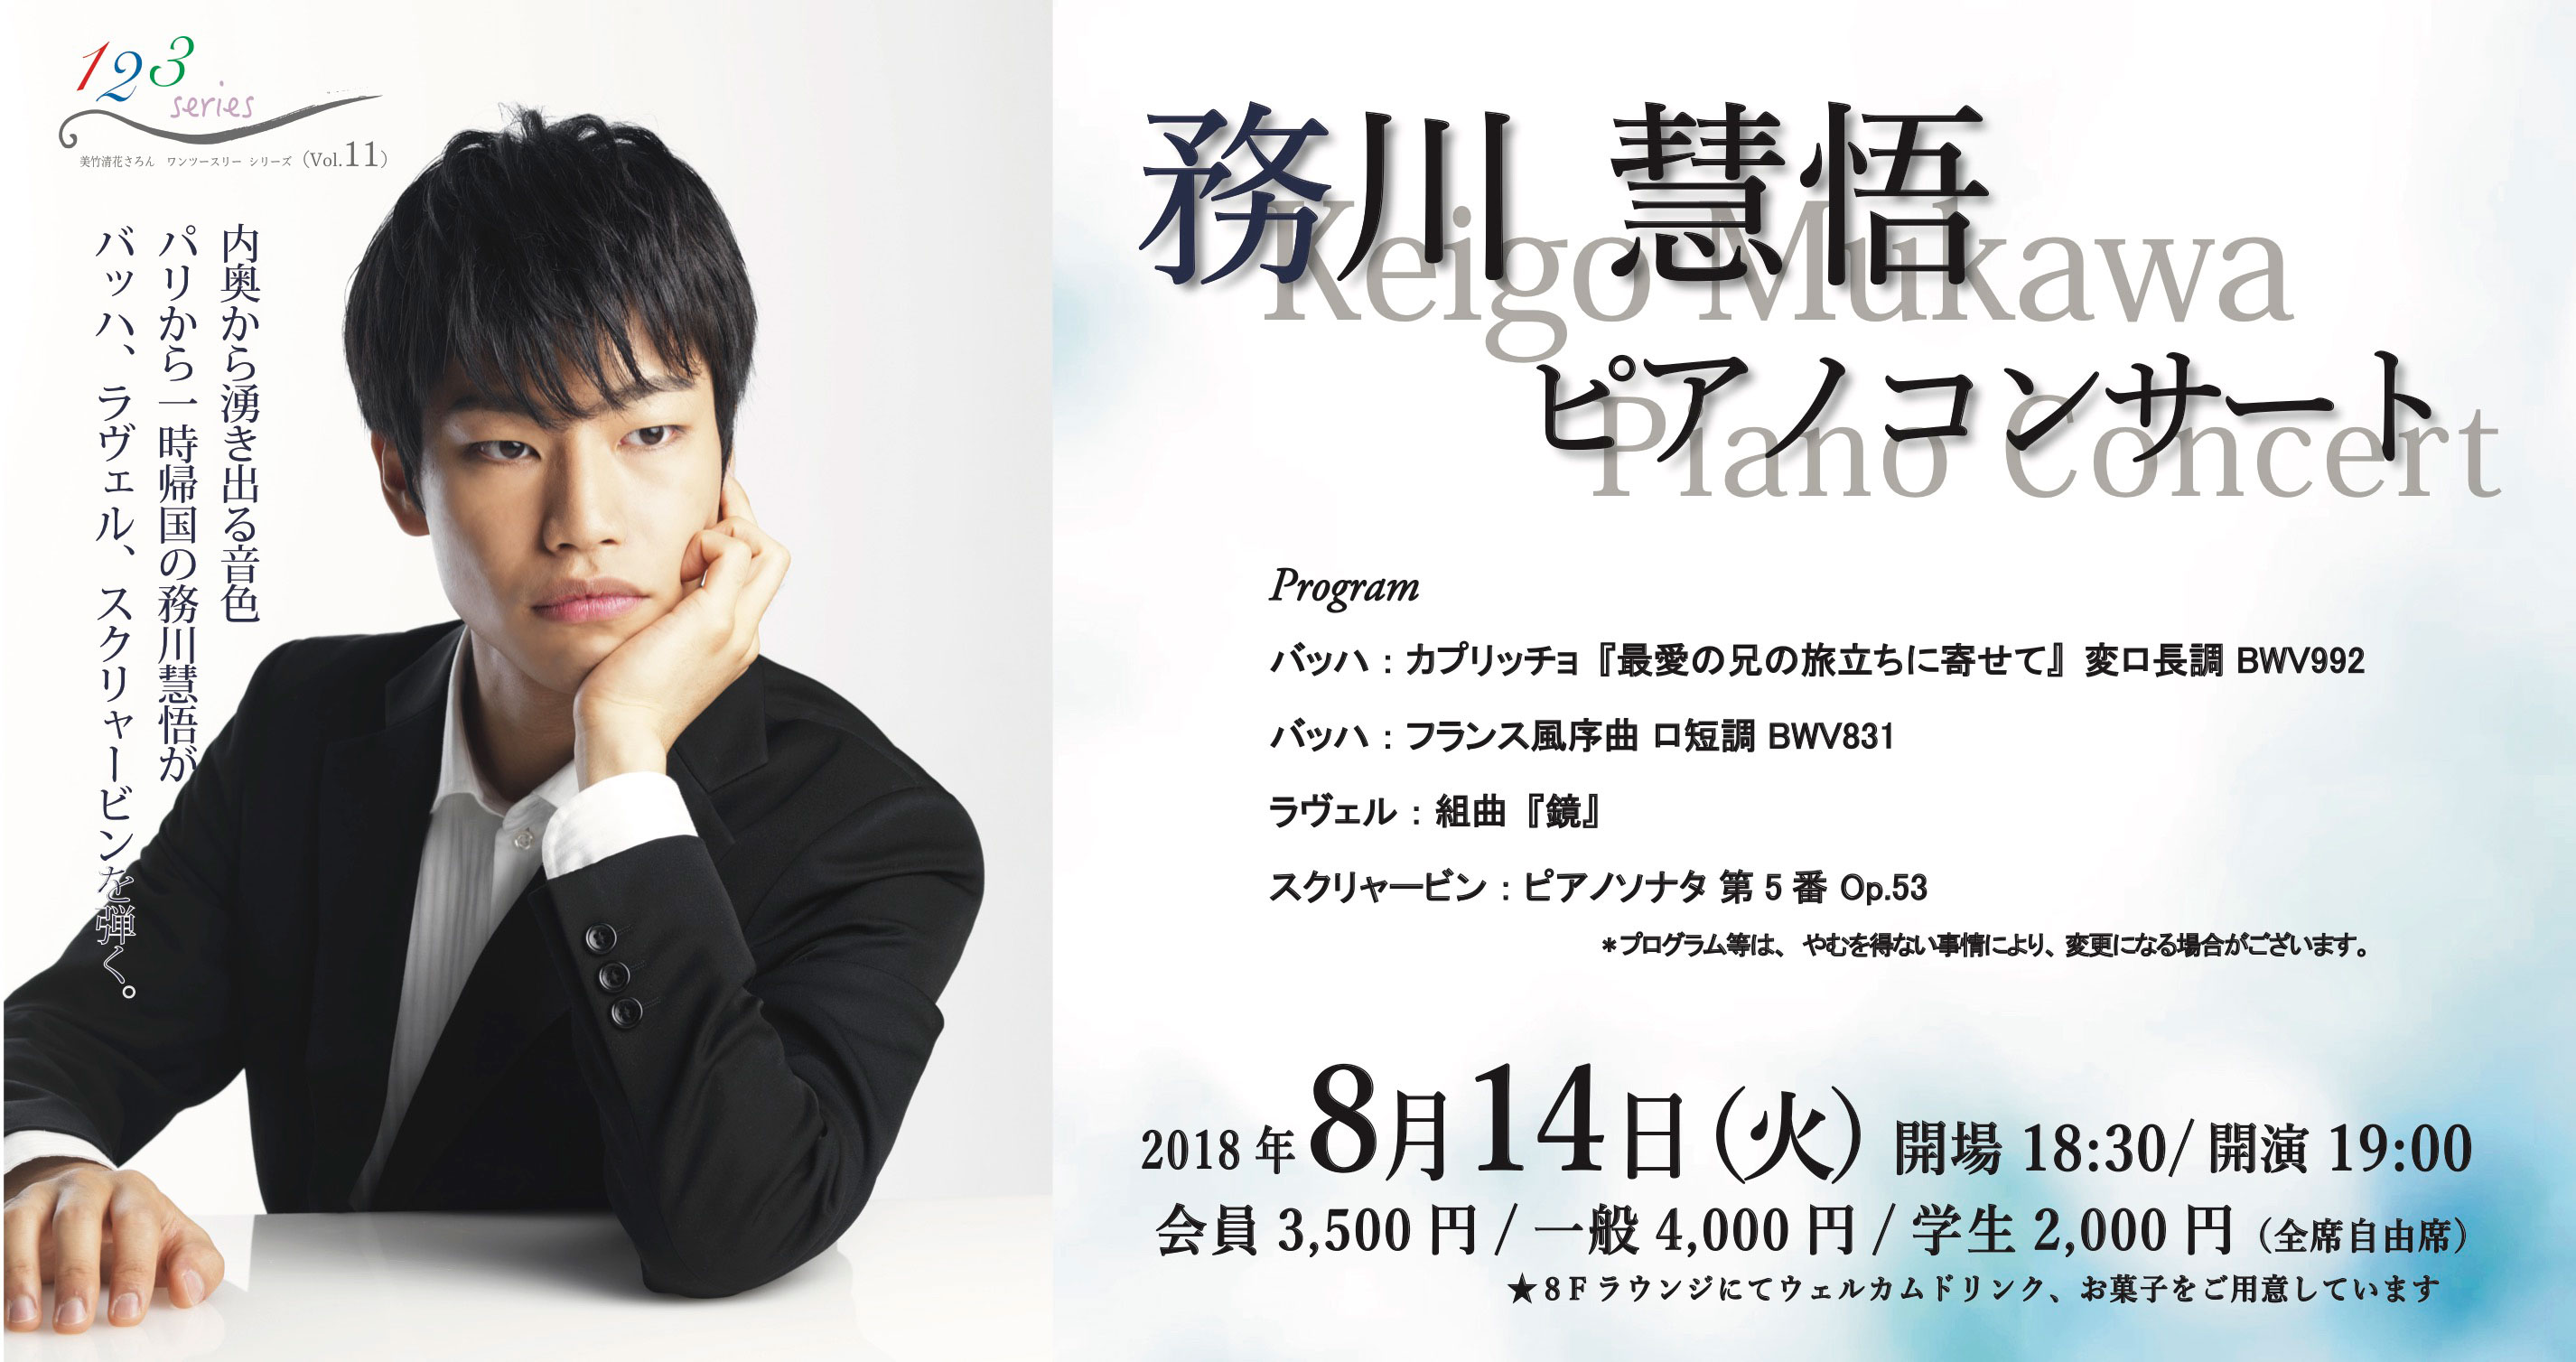 【完売】8月14日19:00~ 務川慧悟ピアノコンサート